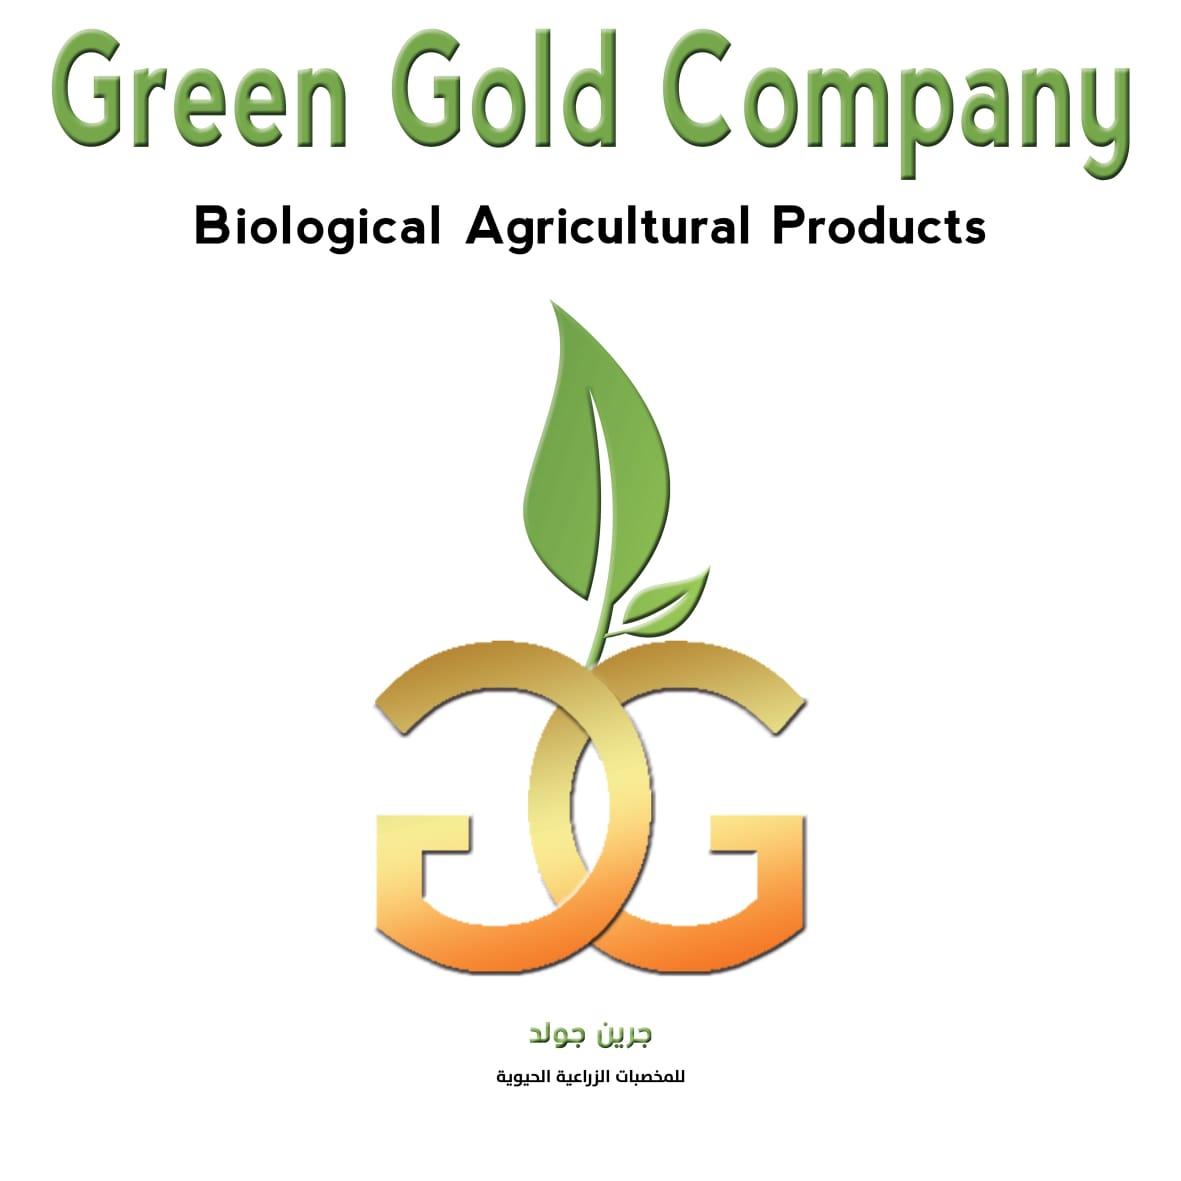 صورة شركة جرين جولد تسعى إلى إعادة التربة المصرية إلى سابق عهدها